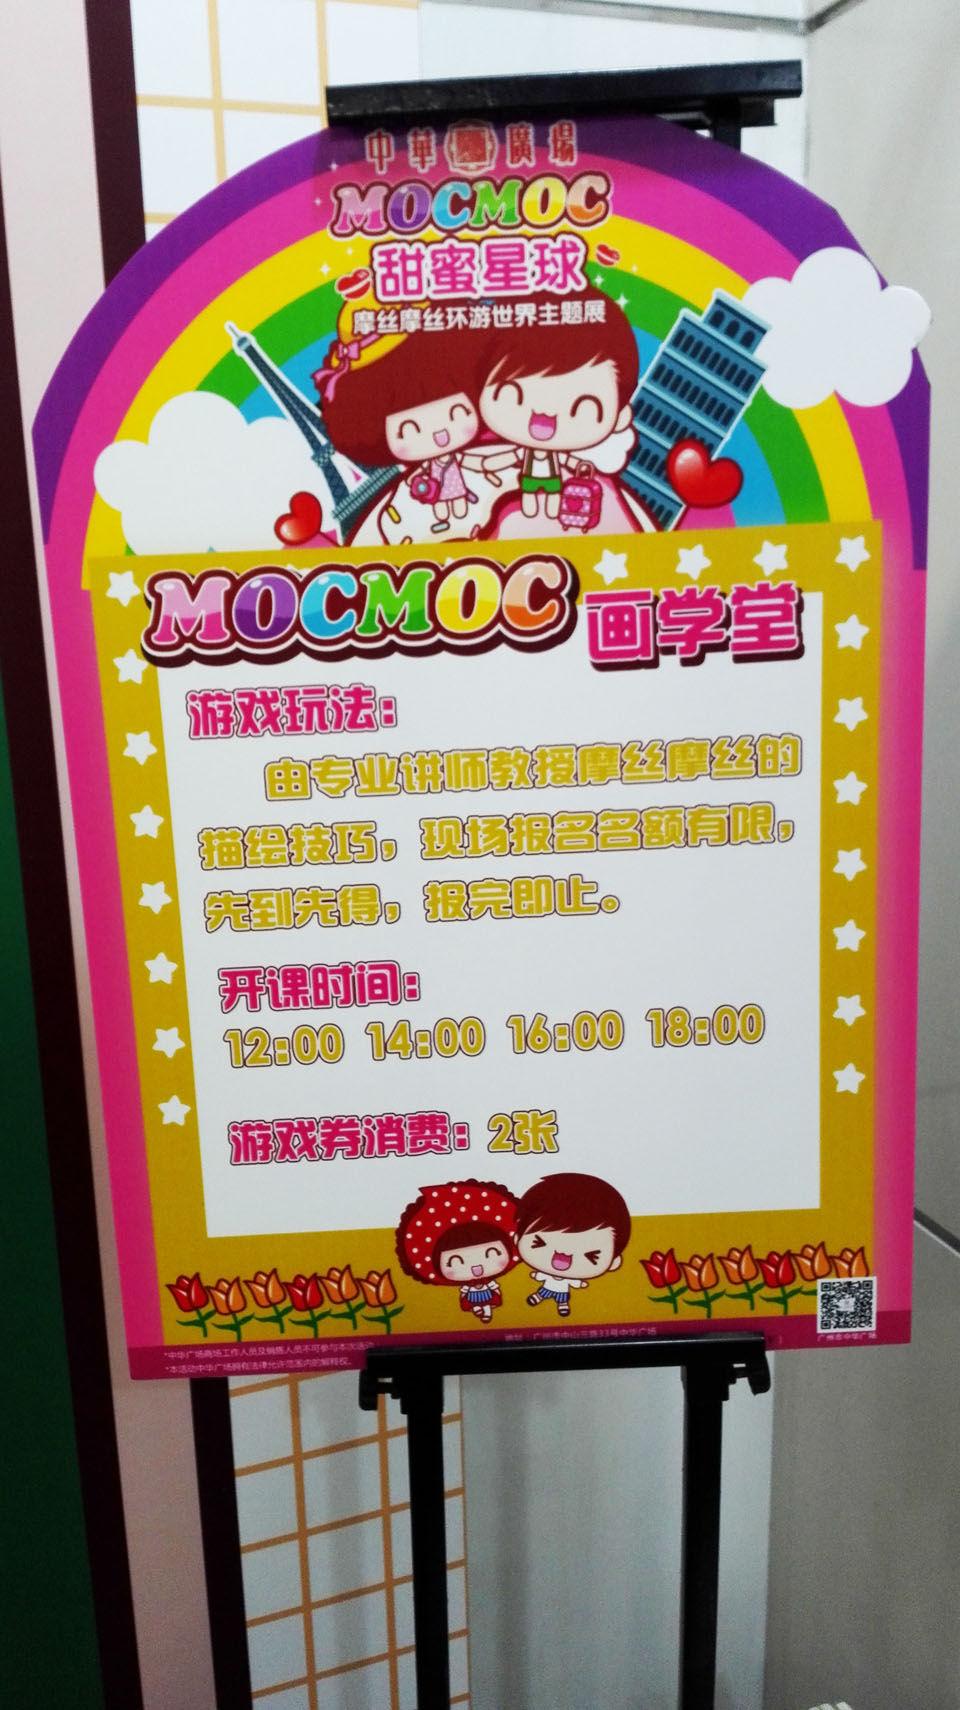 中华广场x摩丝摩丝甜蜜星球40.jpg